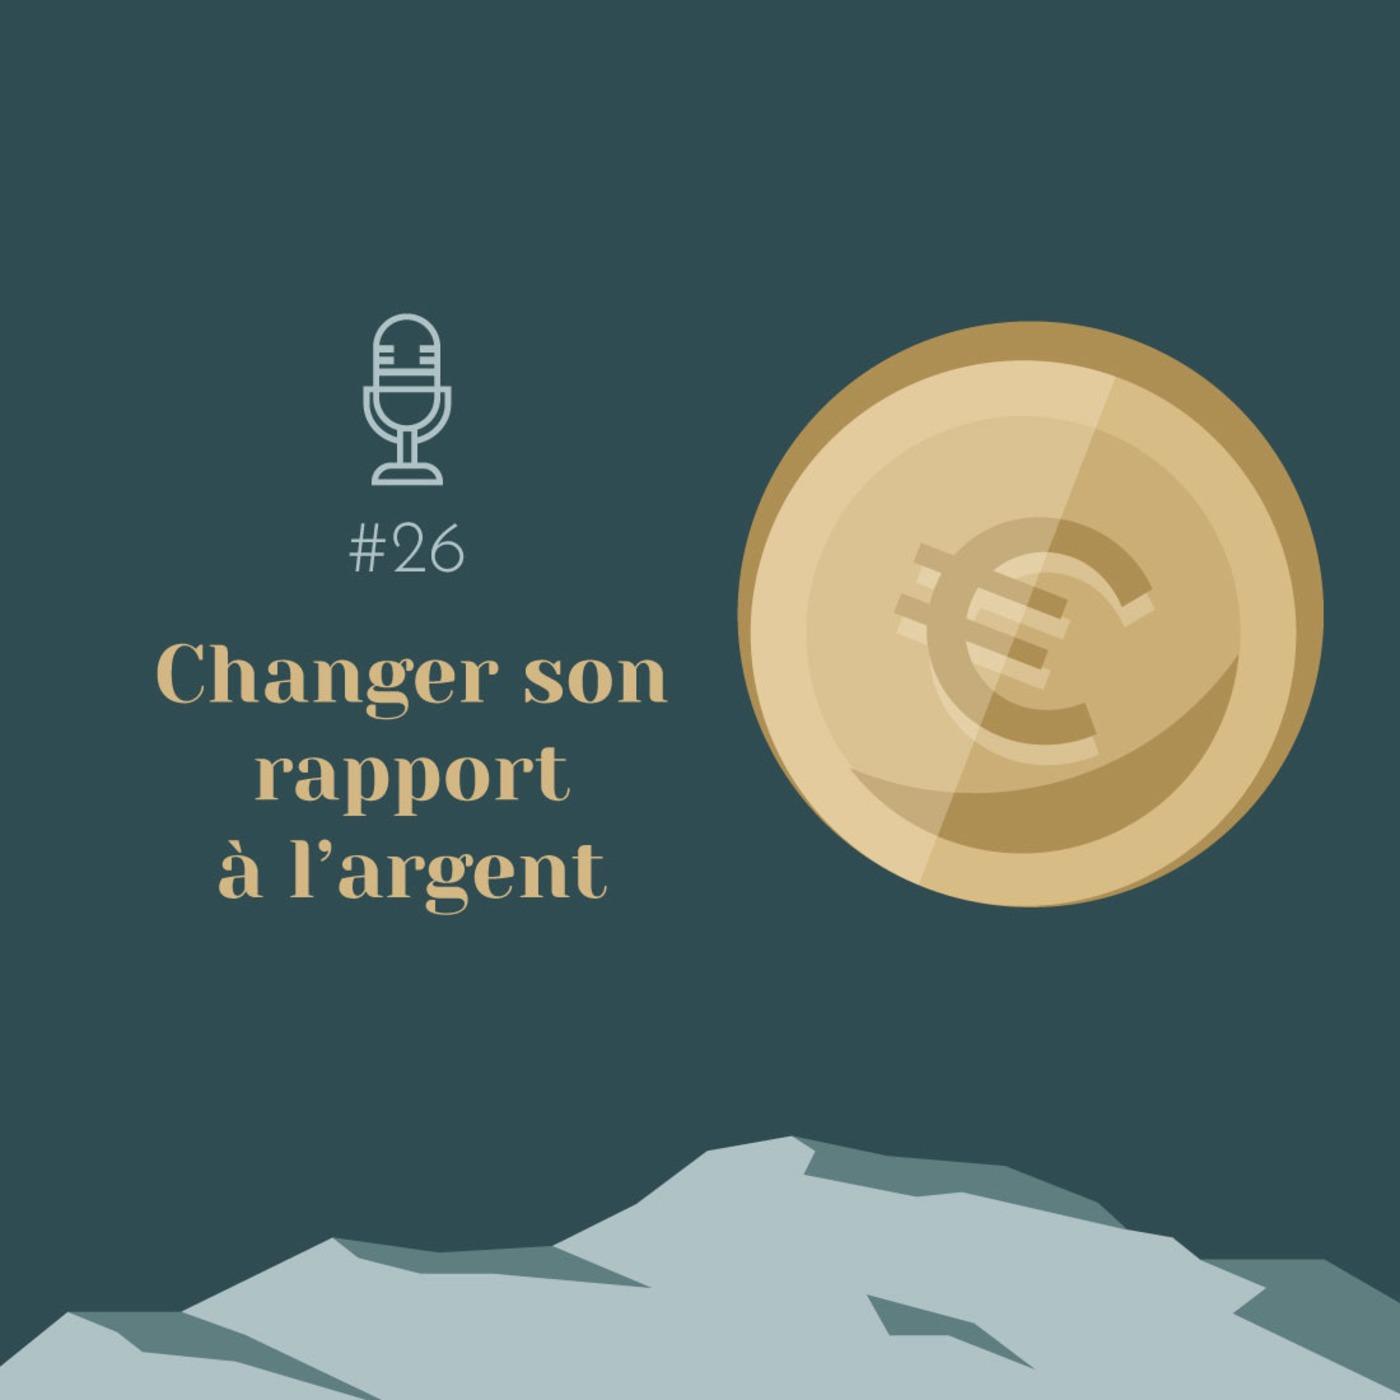 #26 | Changer son rapport à l'argent